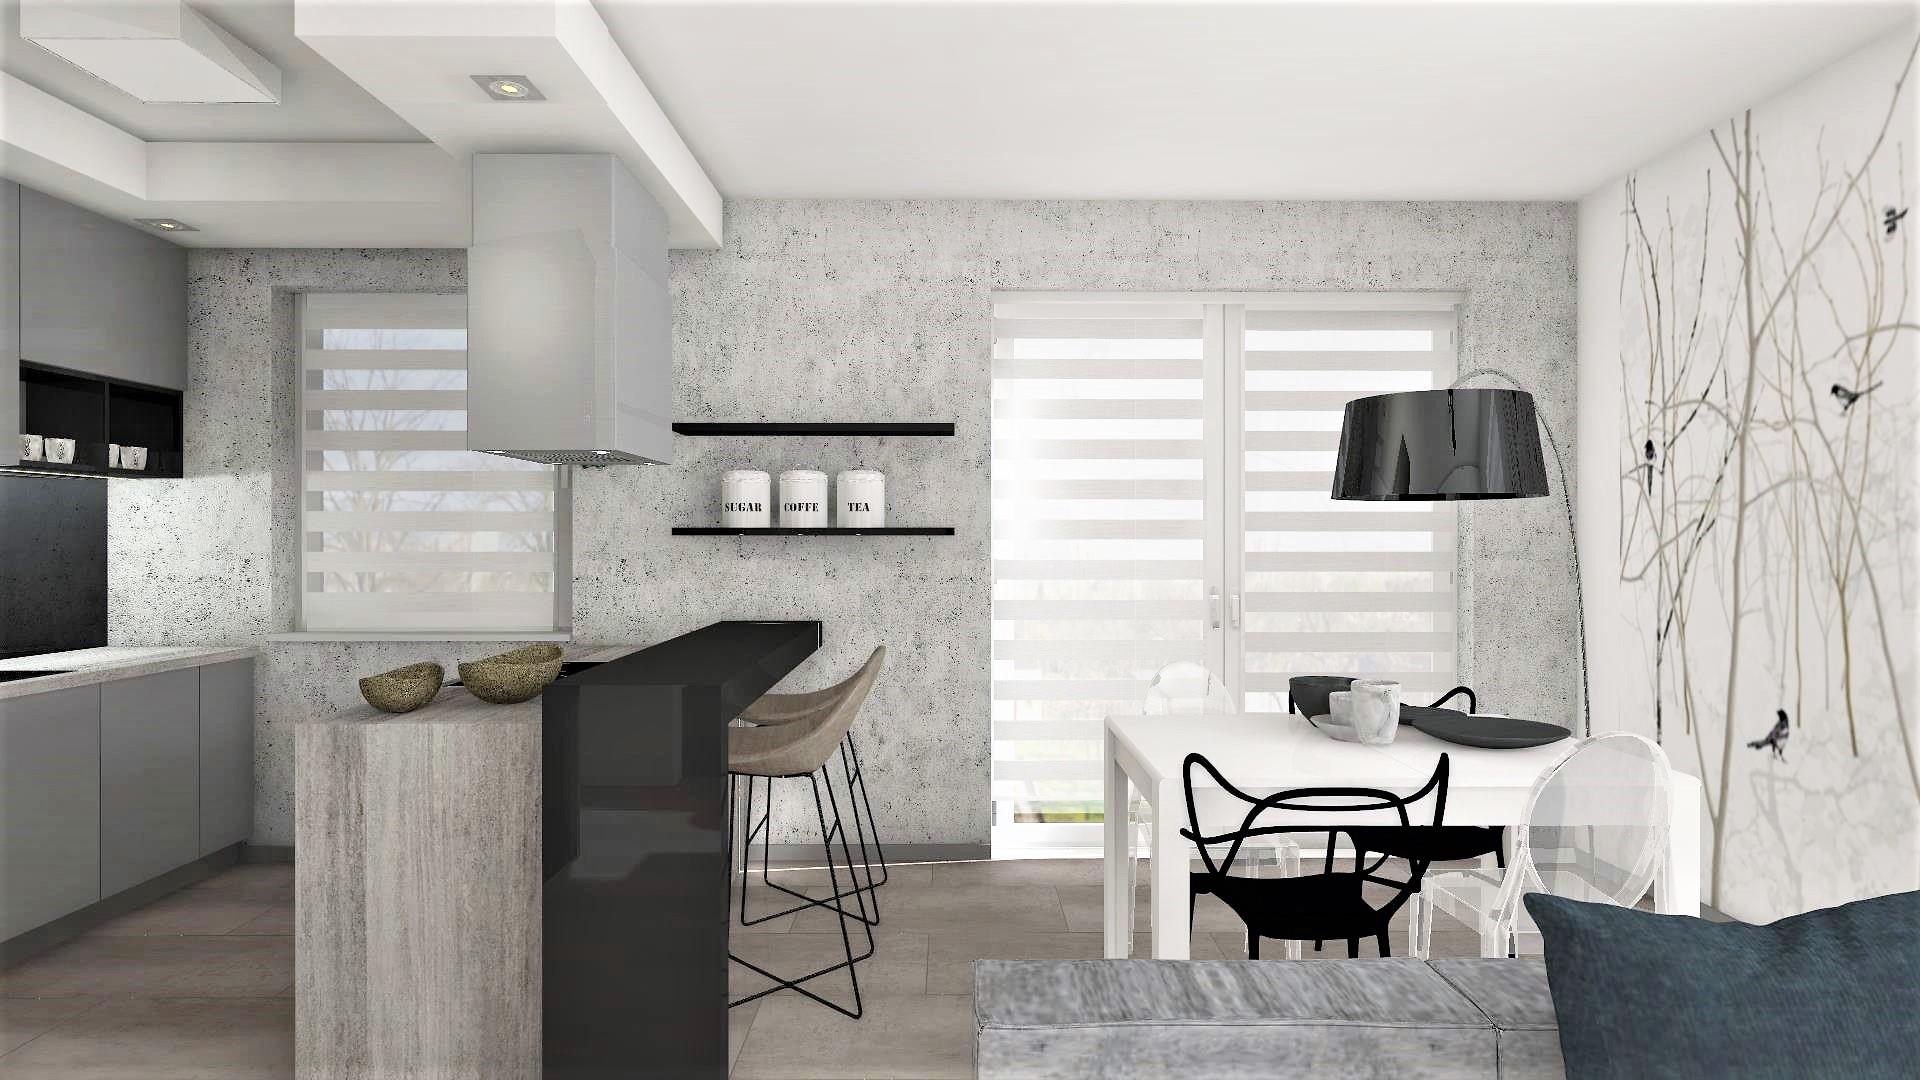 projekt_mieszkania_wnętrze_Lubin_Designbox_Małek_salon